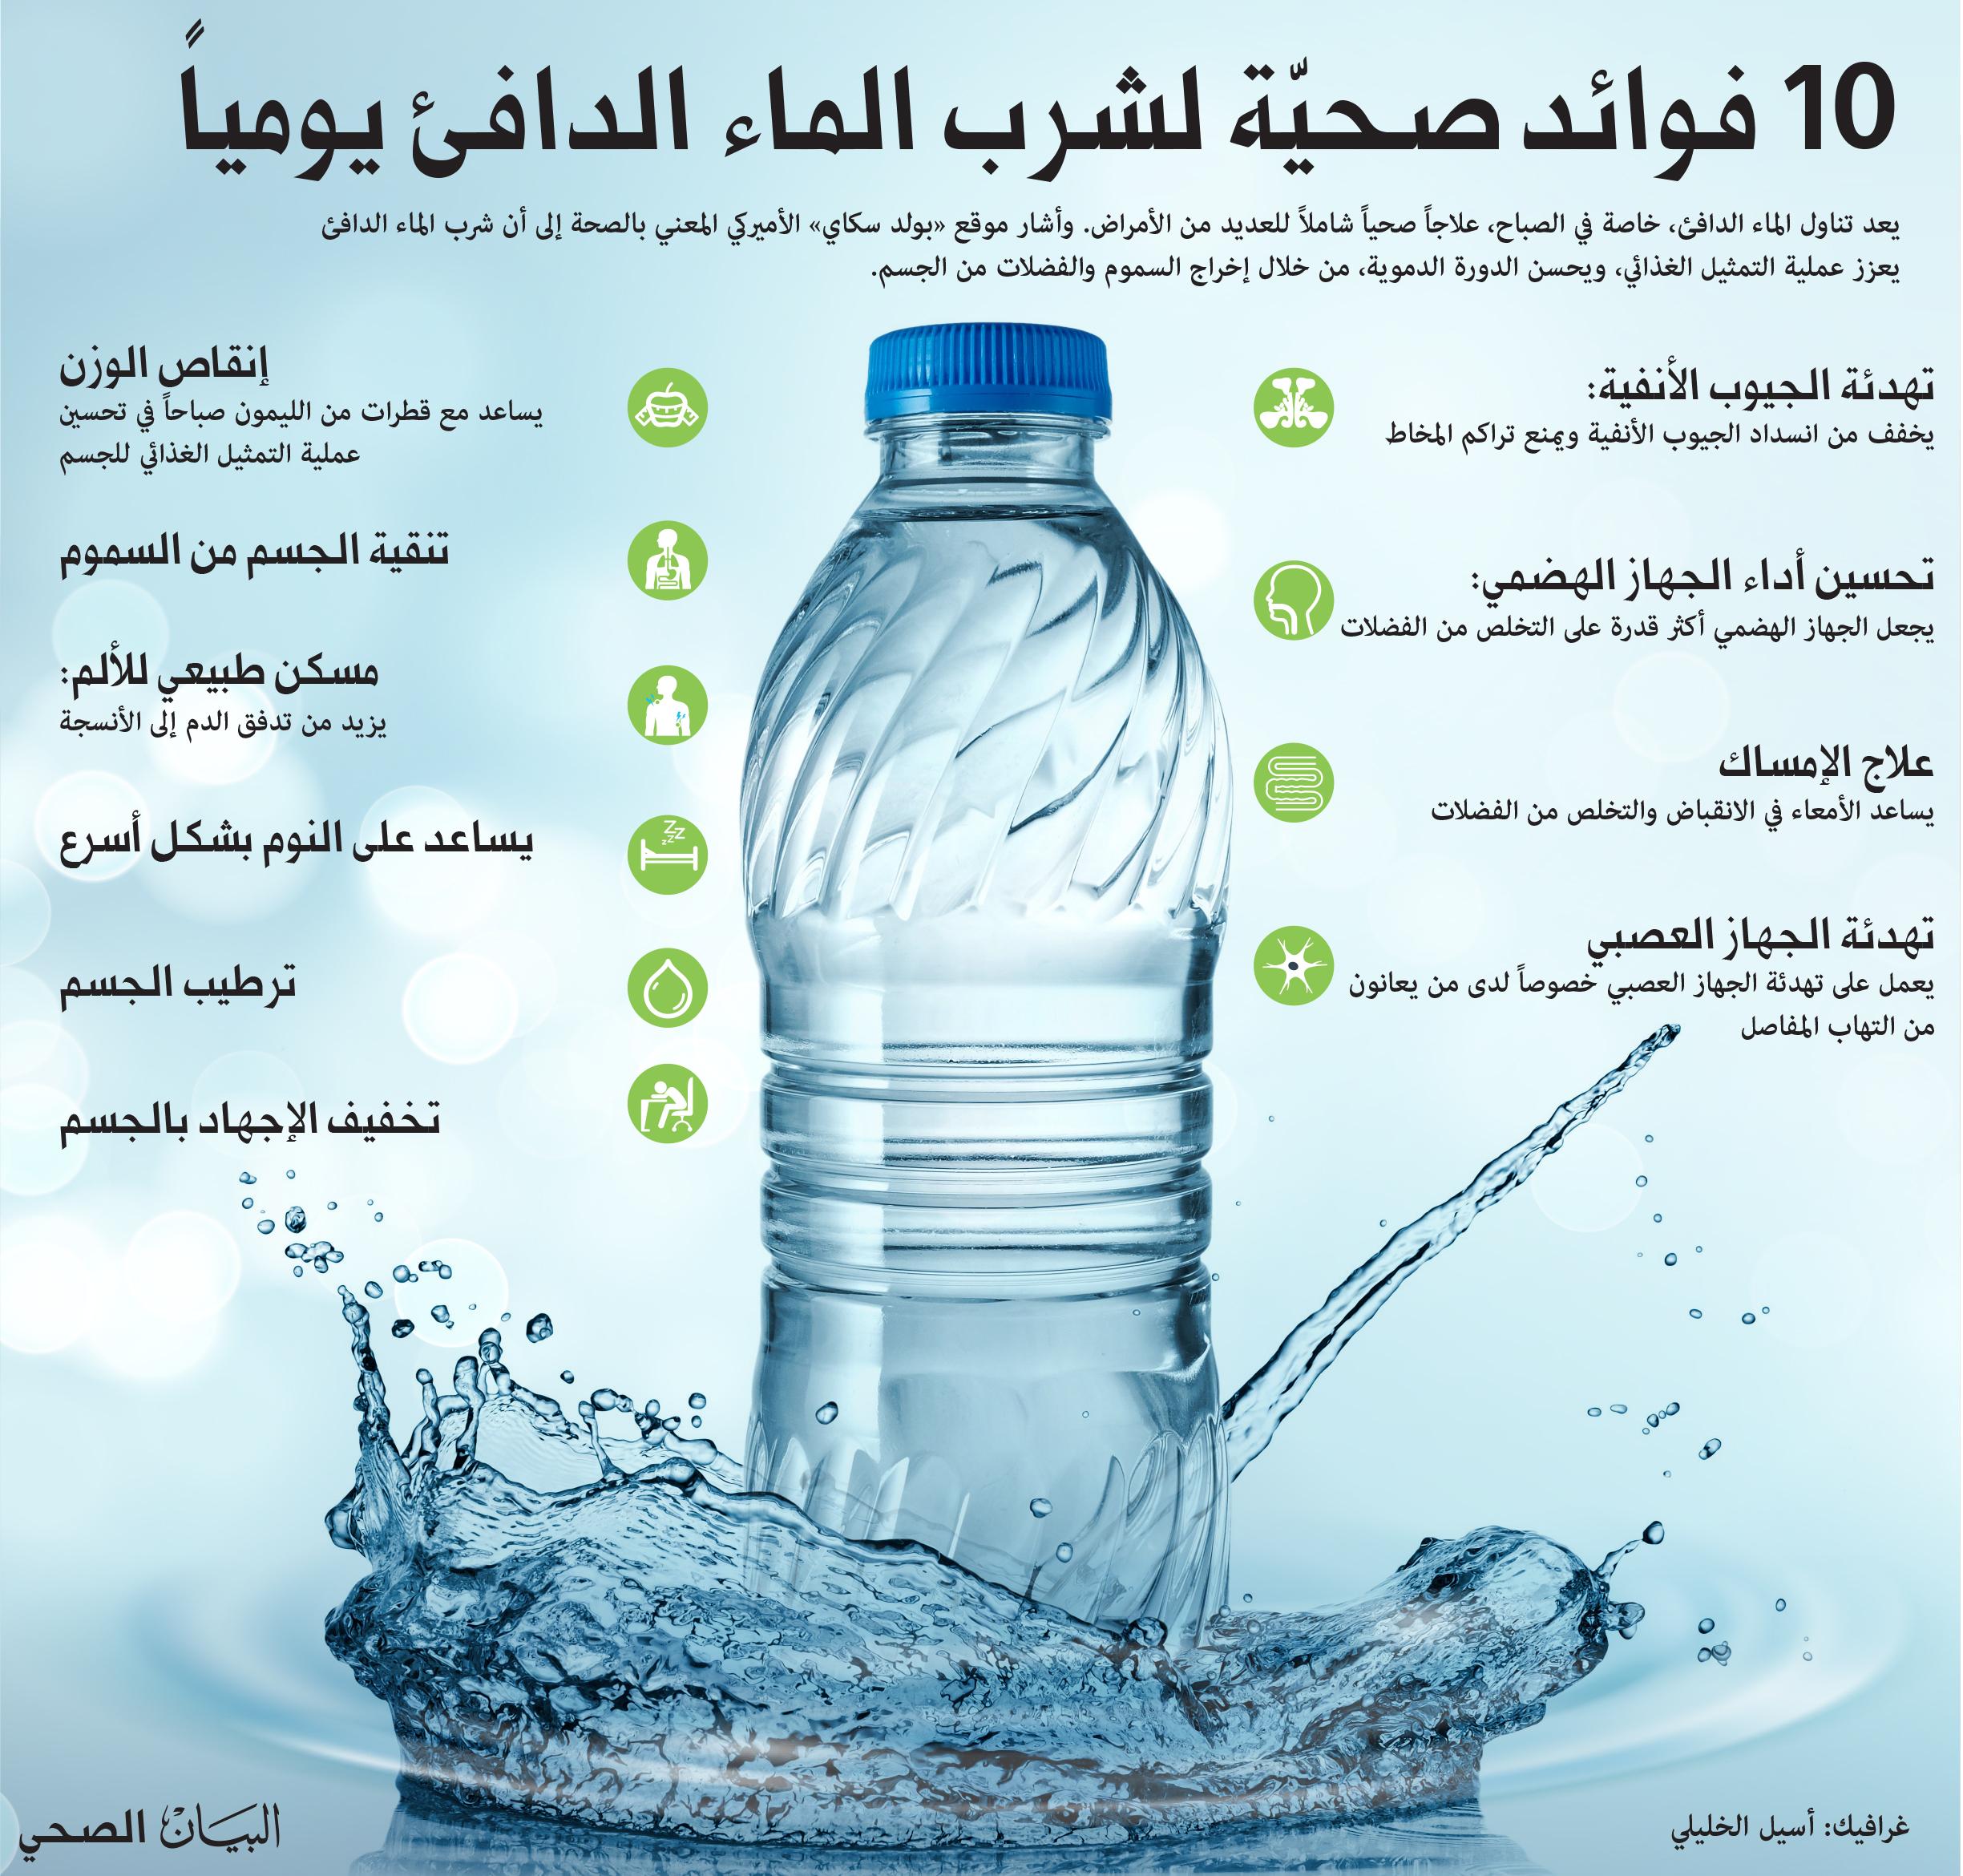 بالصور فوائد شرب الماء , تعرفوا علي الفوائد العديده لشرب الماء مهمه جدا 1114 1